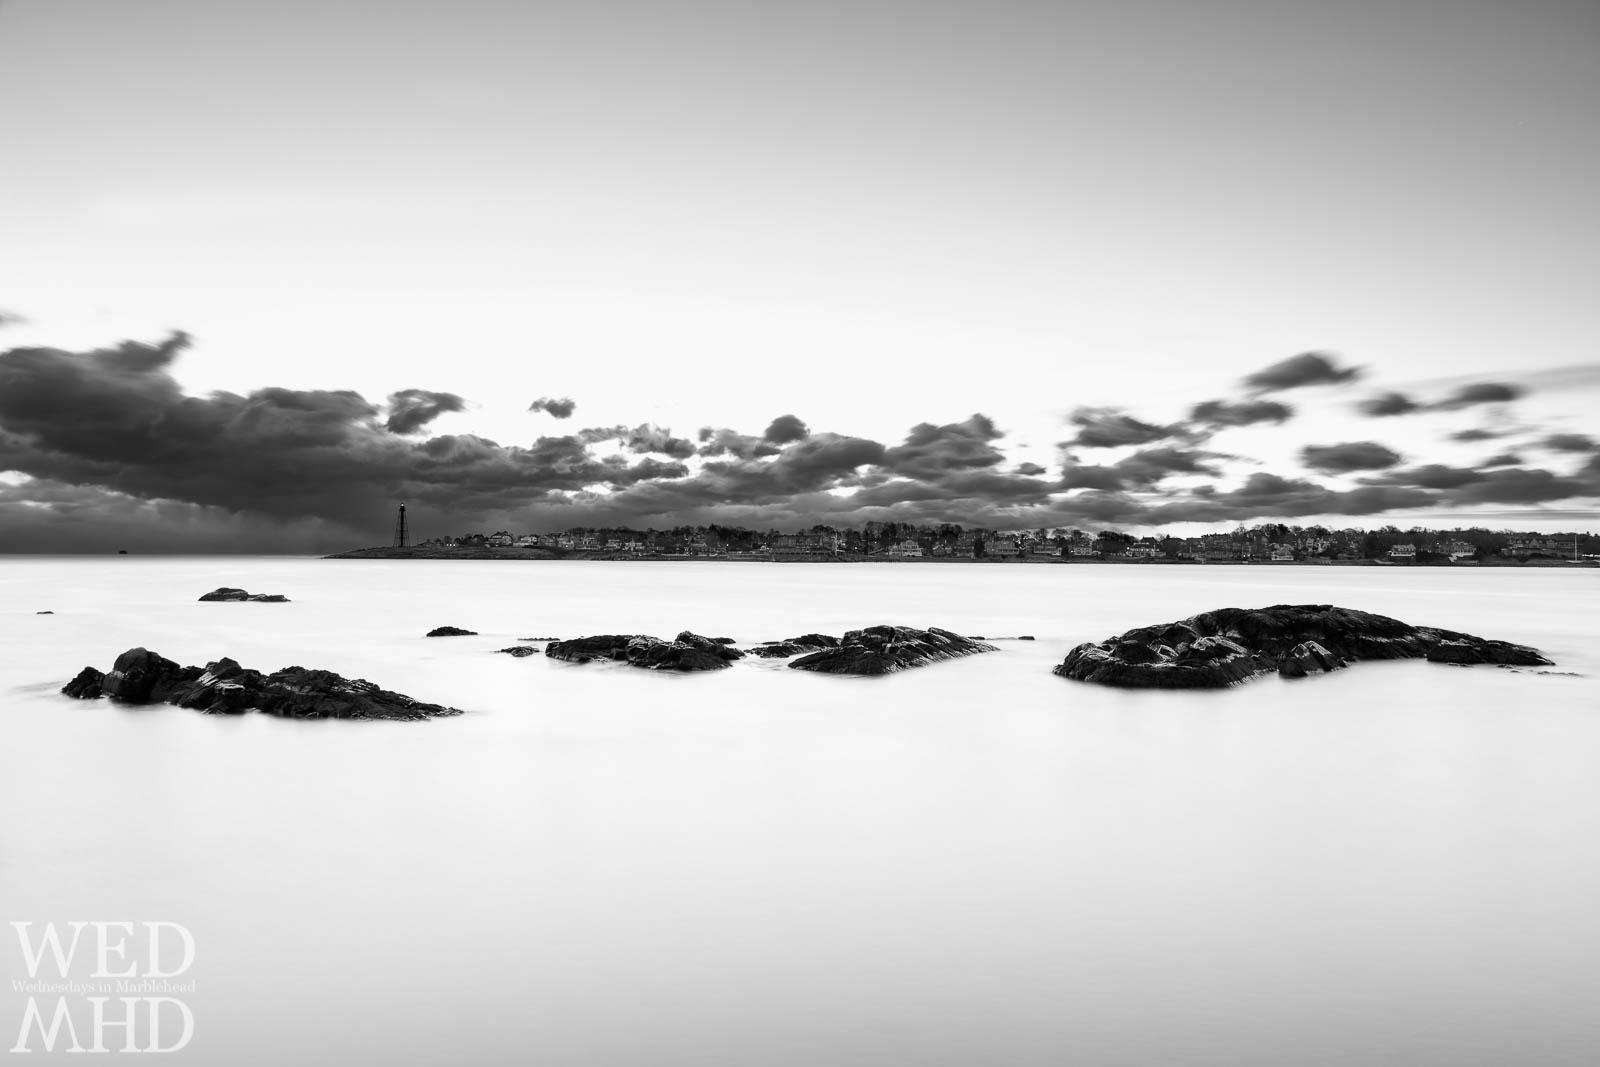 Rocks in a Milky Harbor